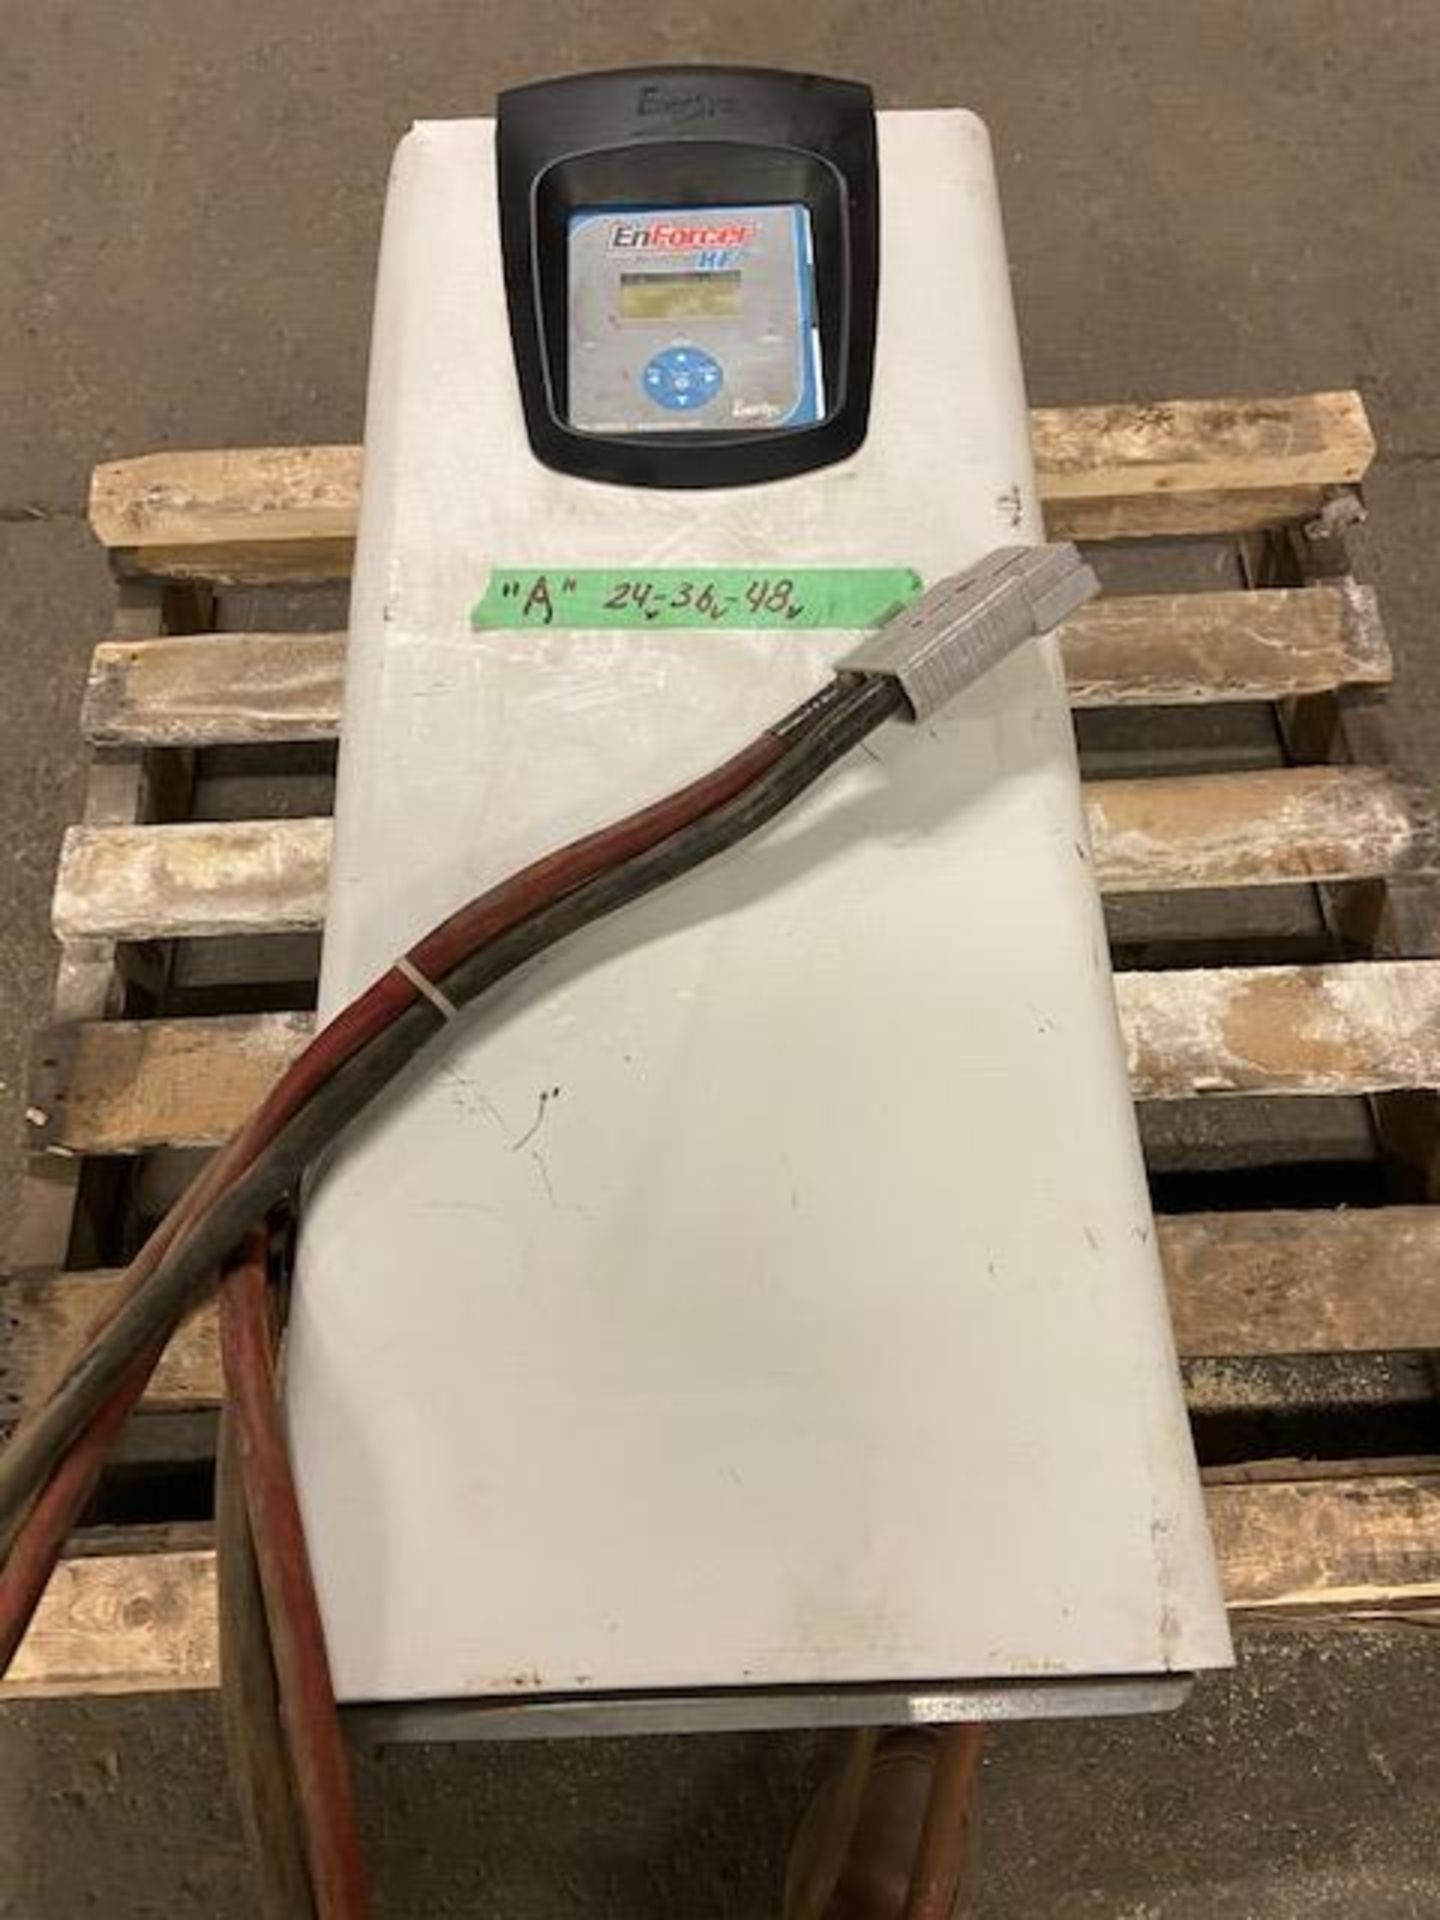 Enforcer Forklift Battery Charger MULTI VOLTAGE UNIT 24/36/48V charger 600V